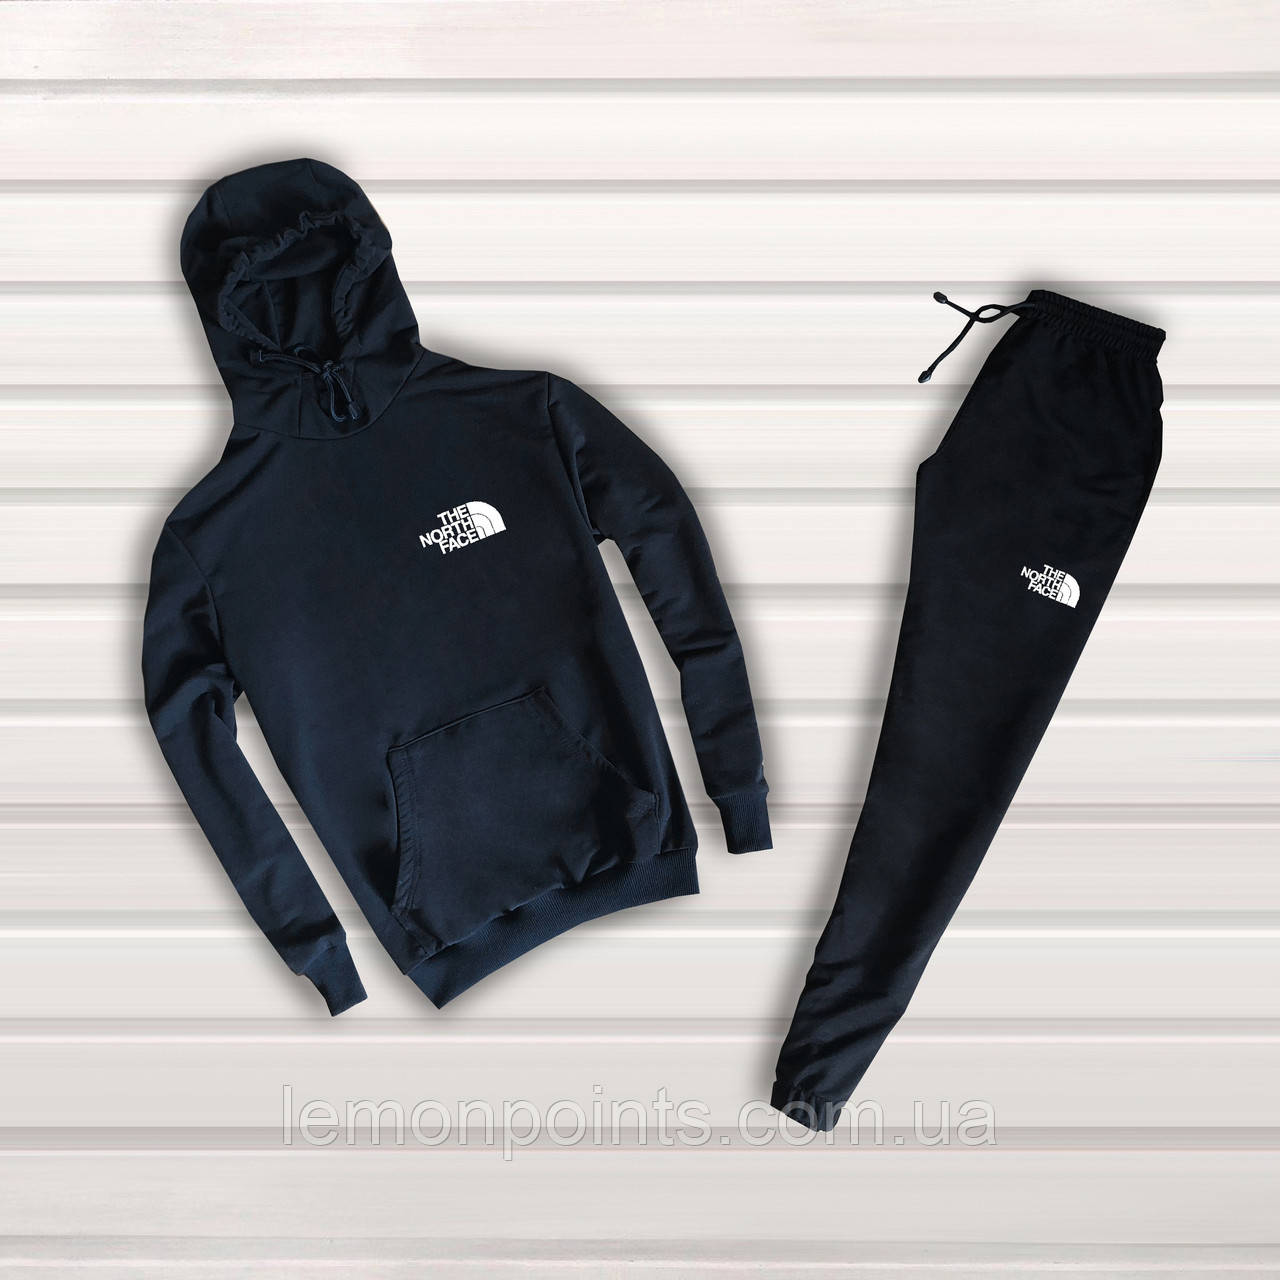 Спортивный костюм (худи+штаны), спортивний костюм The North Face S1072, Реплика